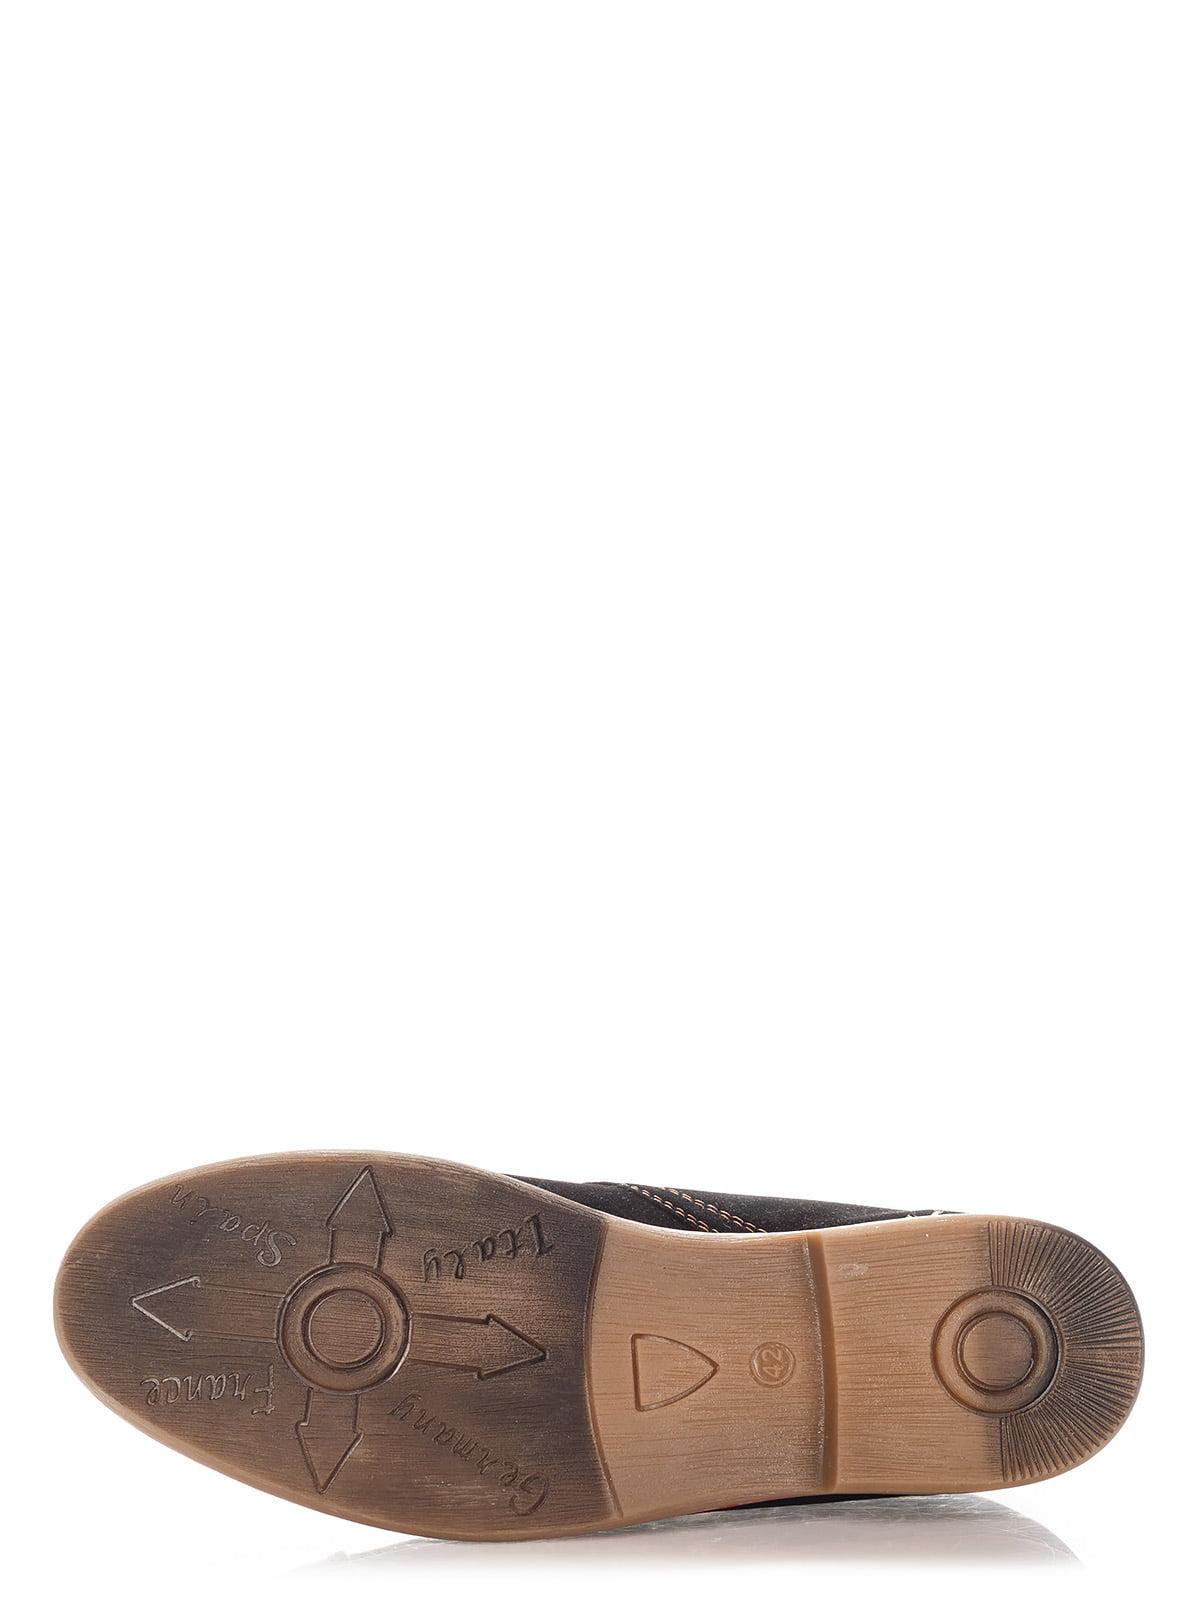 Туфли темно-коричневые   3507081   фото 5